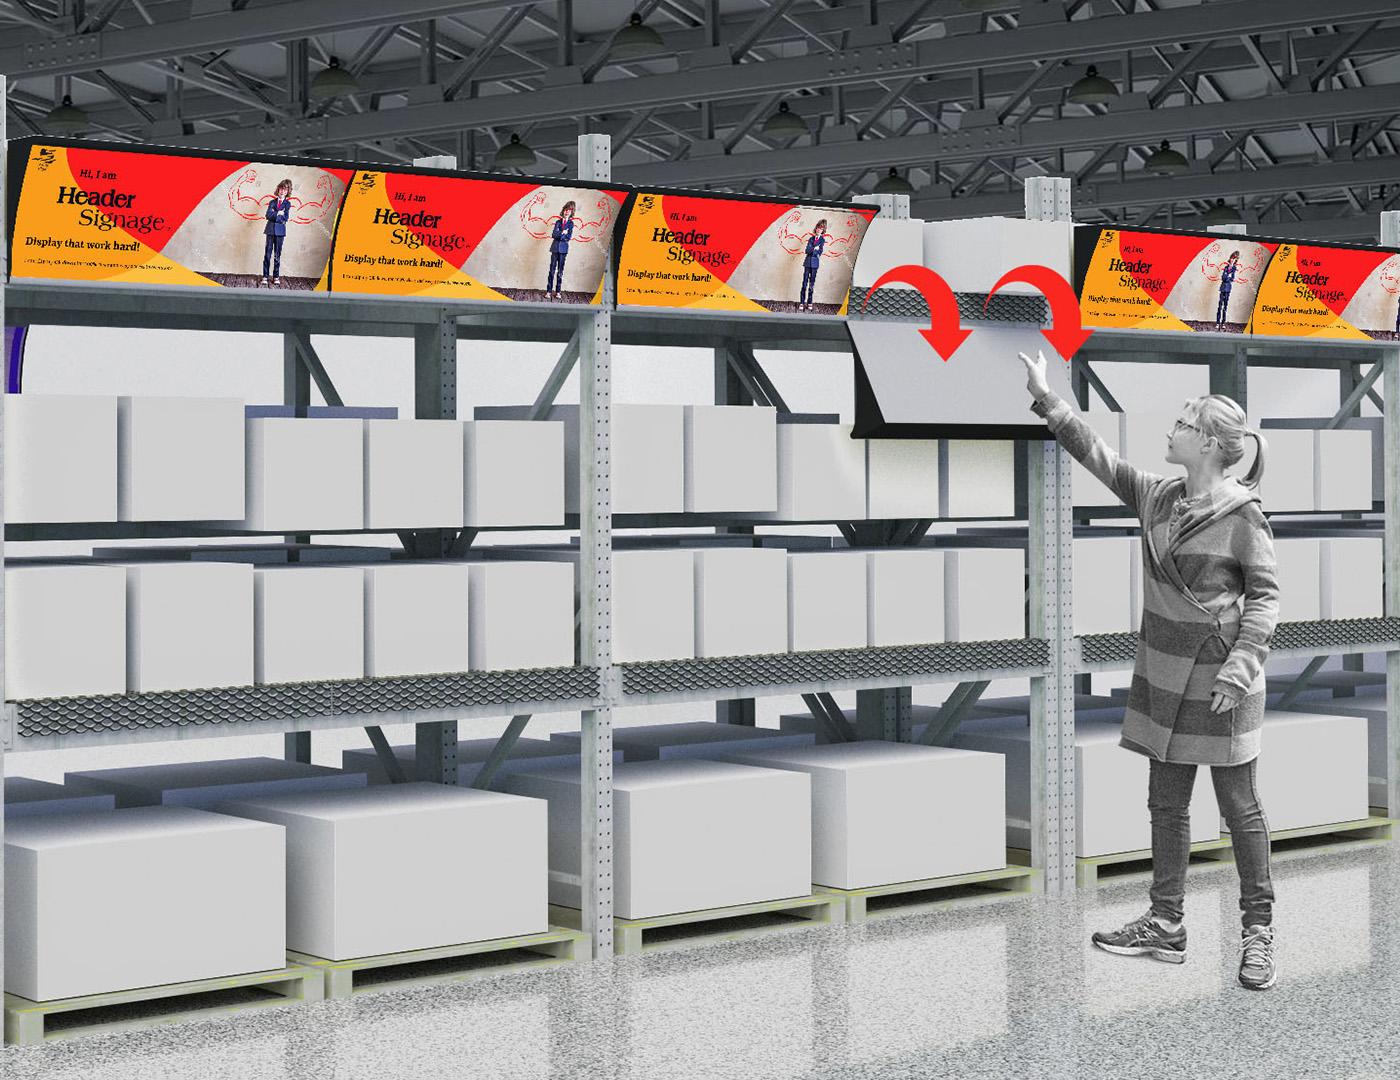 Header signage system for rack